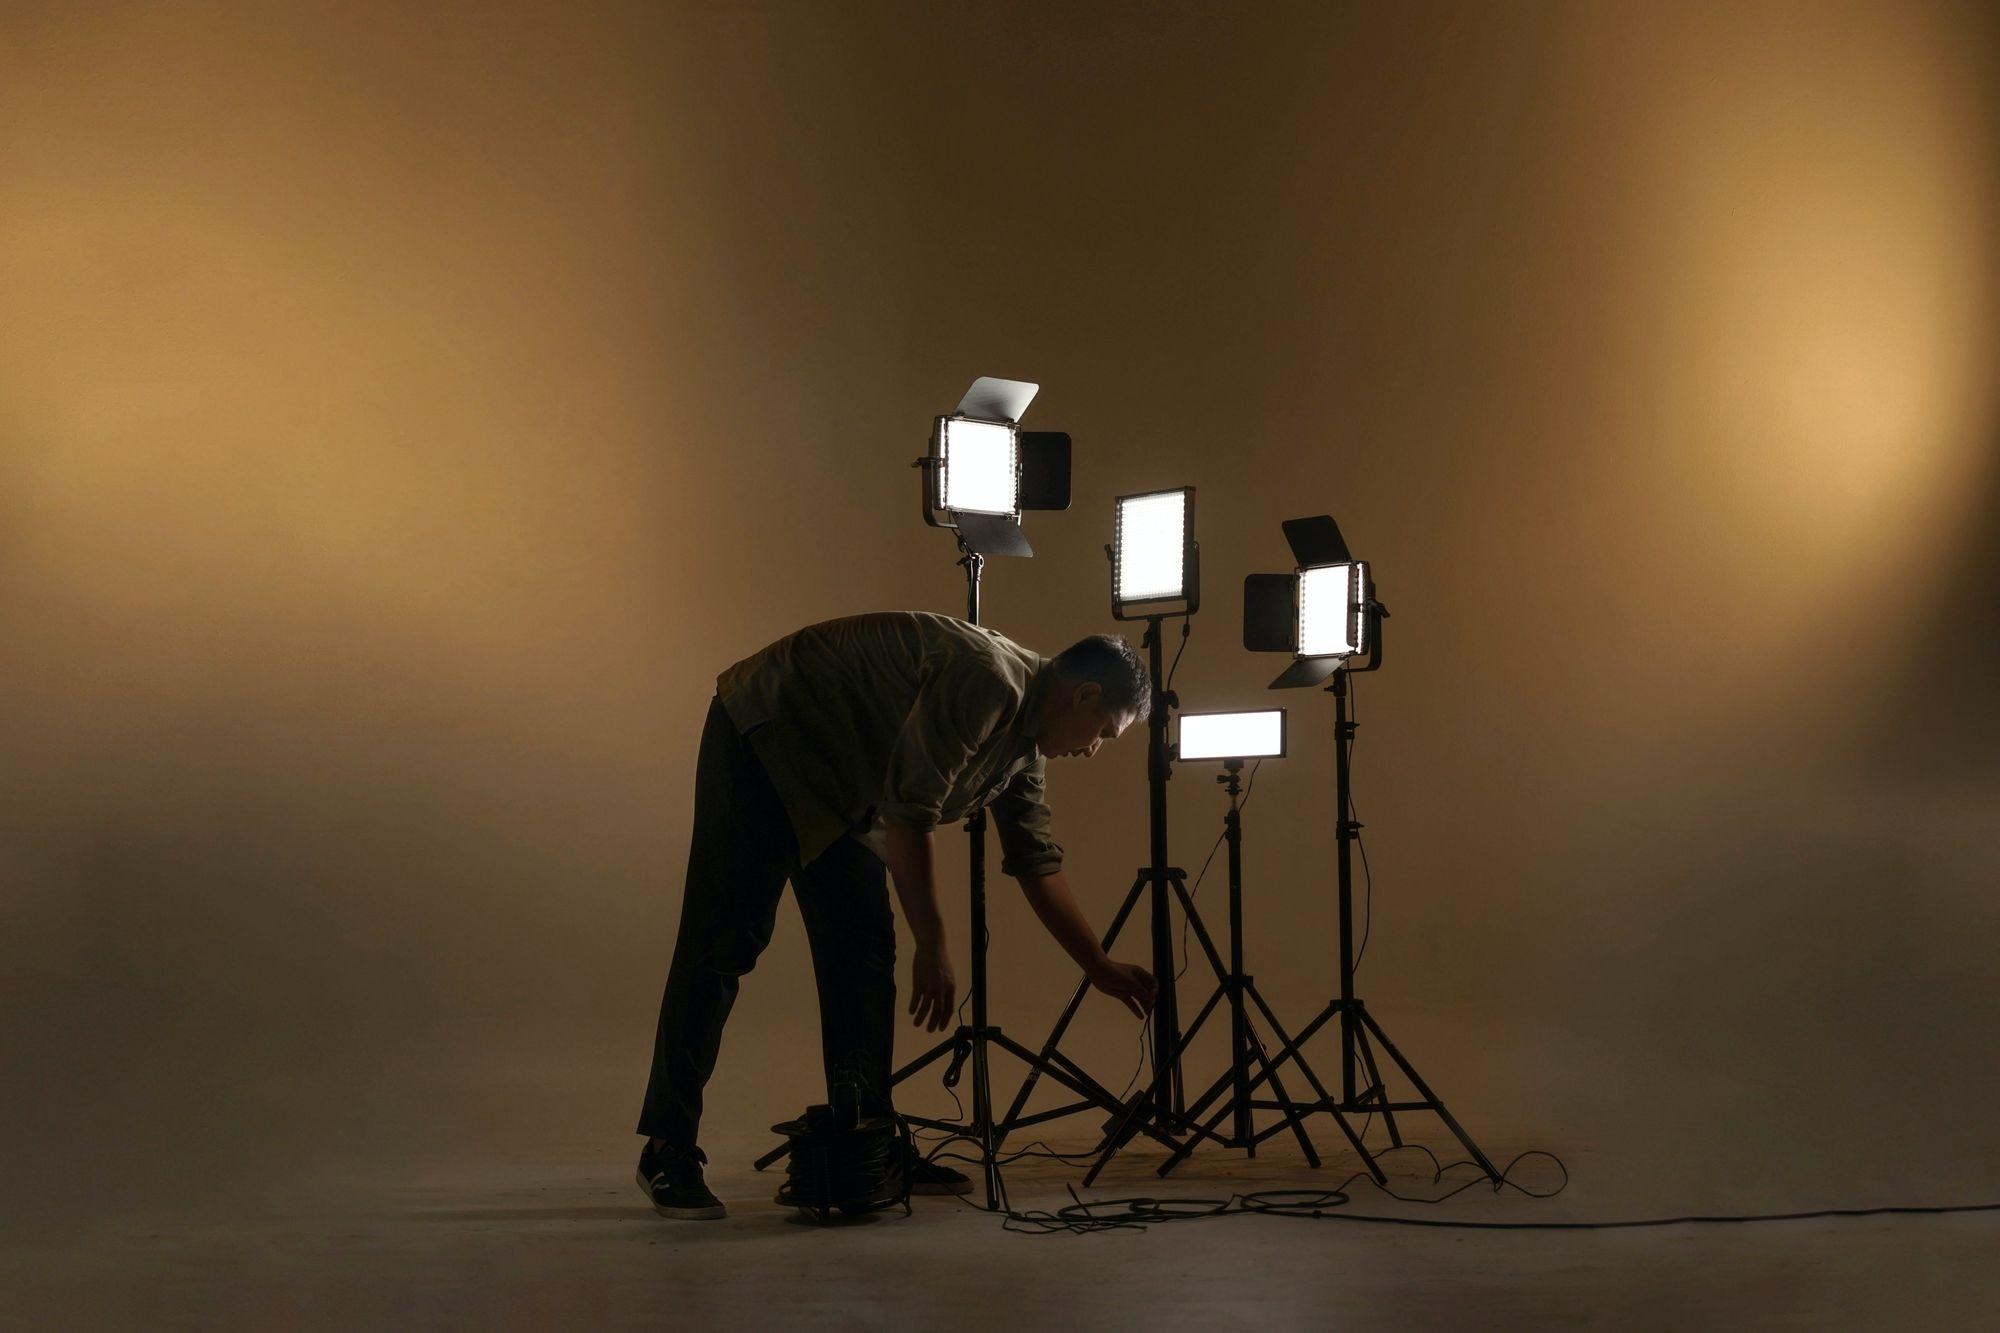 Cinematography lighting setup